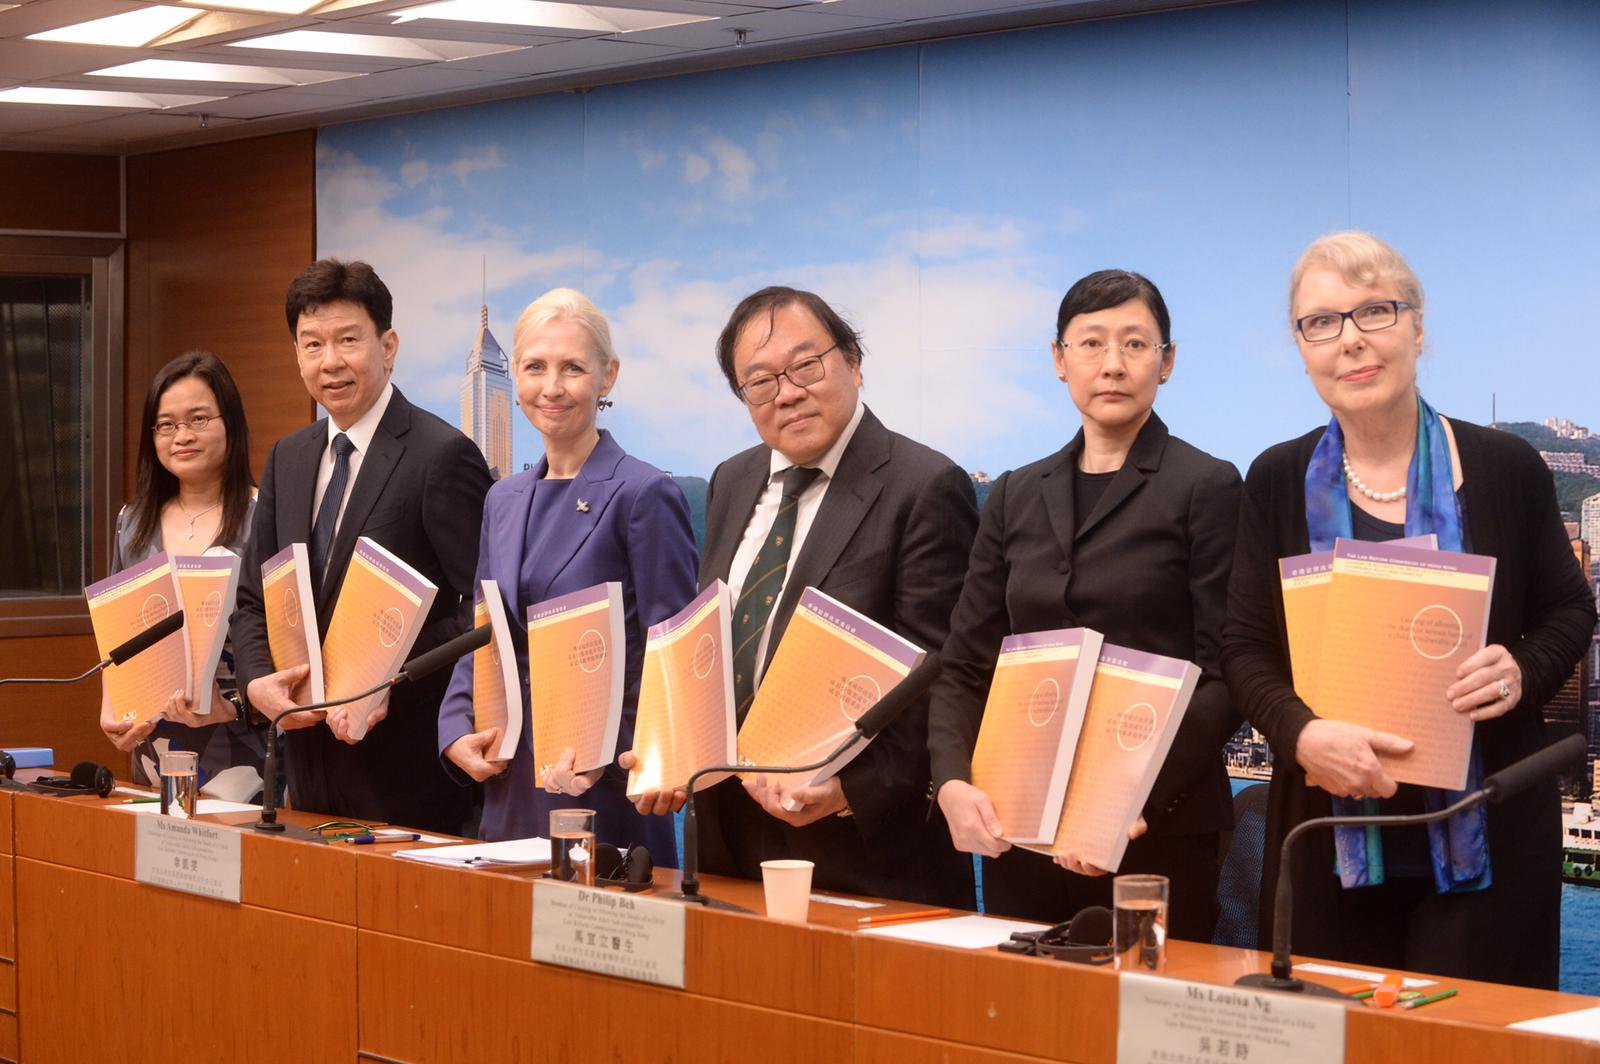 左起:尹平笑、熊運信、韋凱雯、馬宣立、吳若詩、顔倩華。